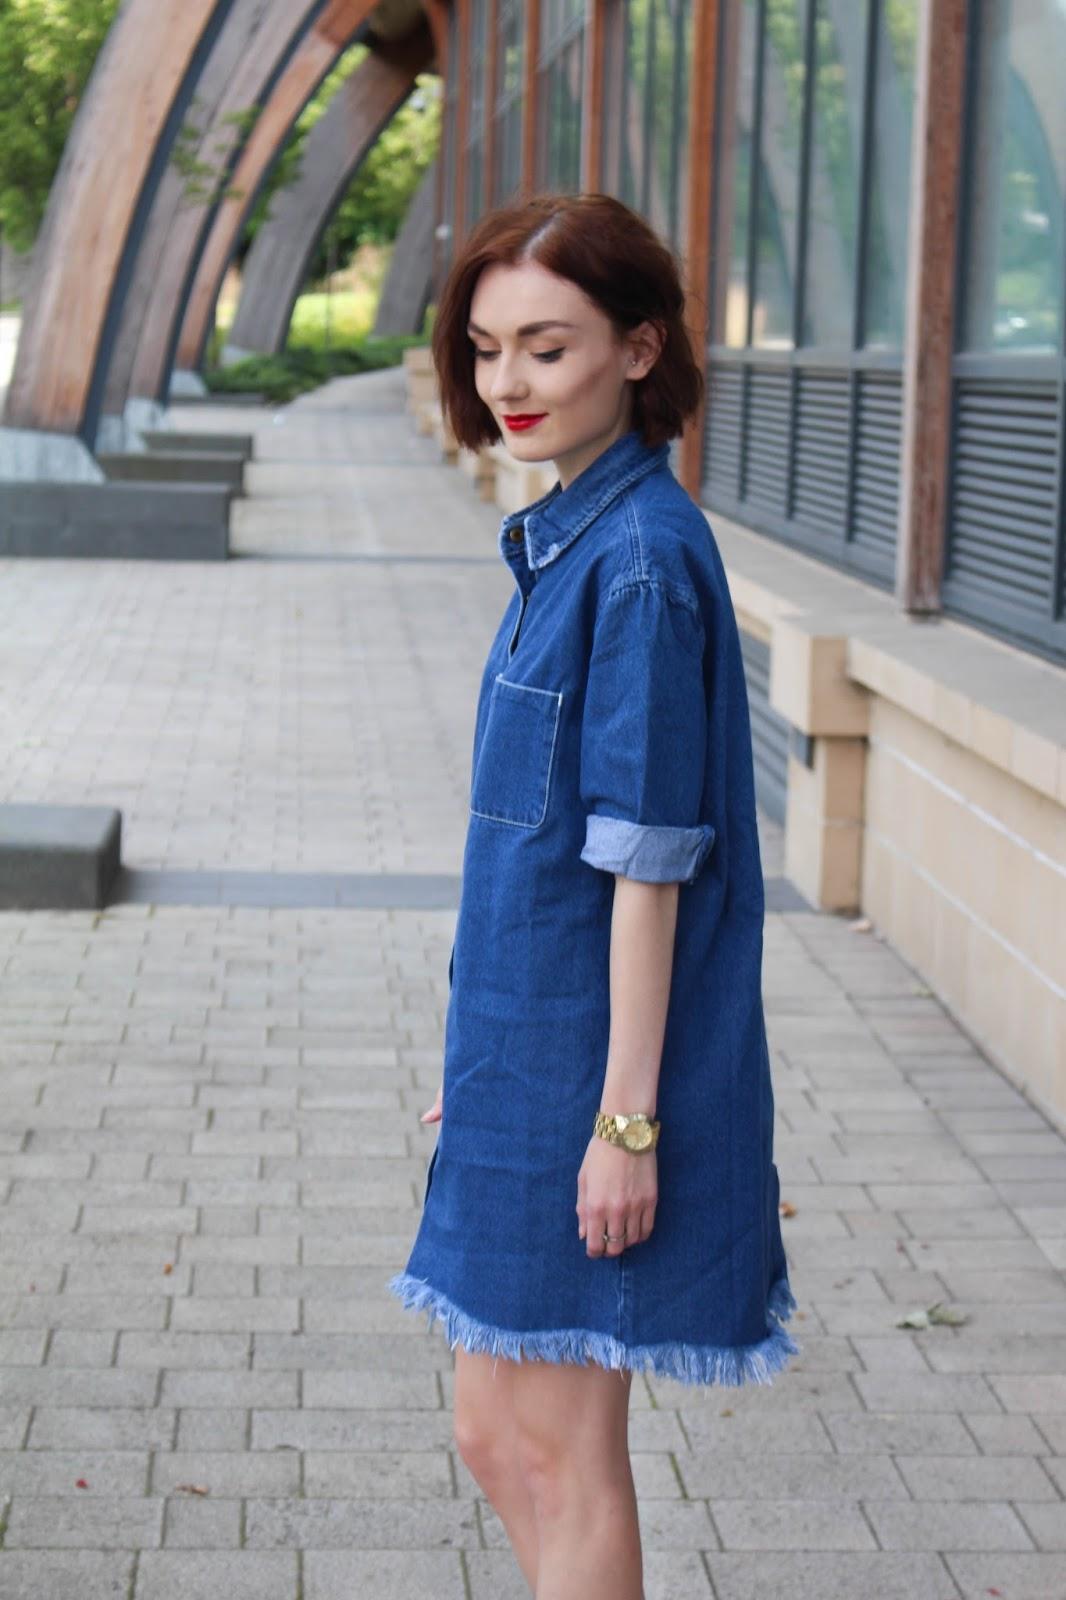 Robe jean blanche porte